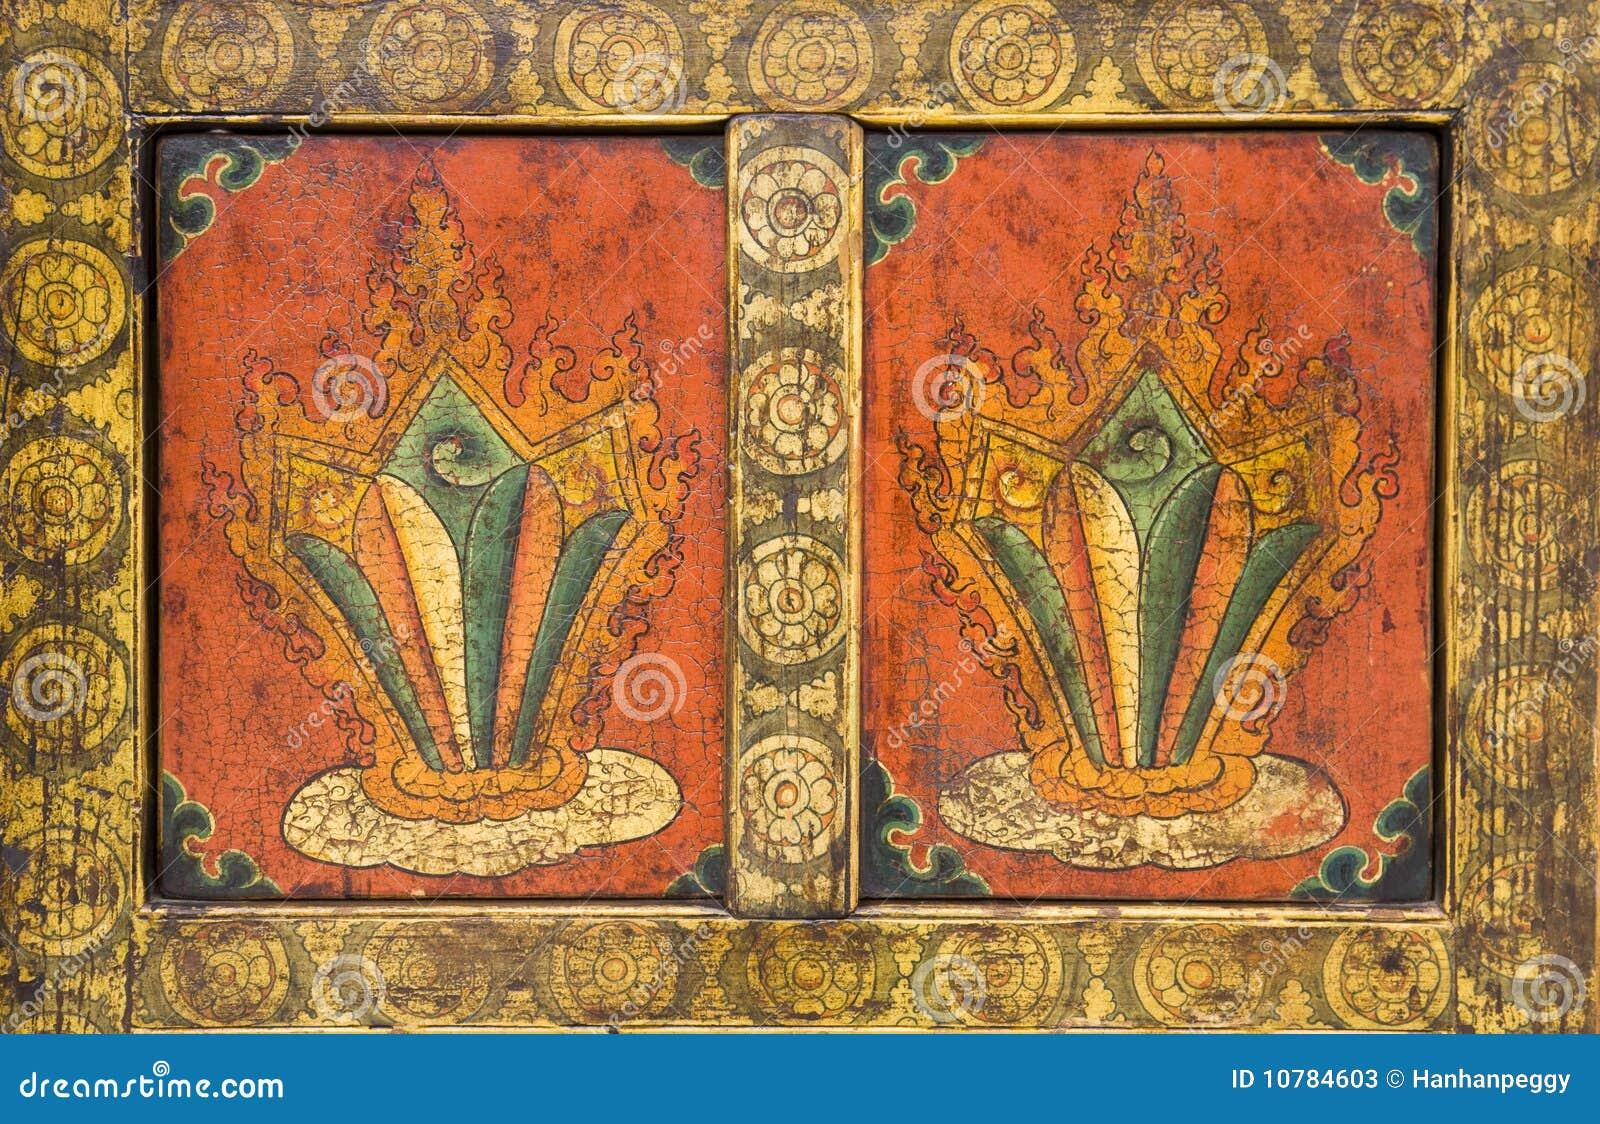 Pintura decorativa de los muebles fotos de archivo for Pintura decorativa muebles